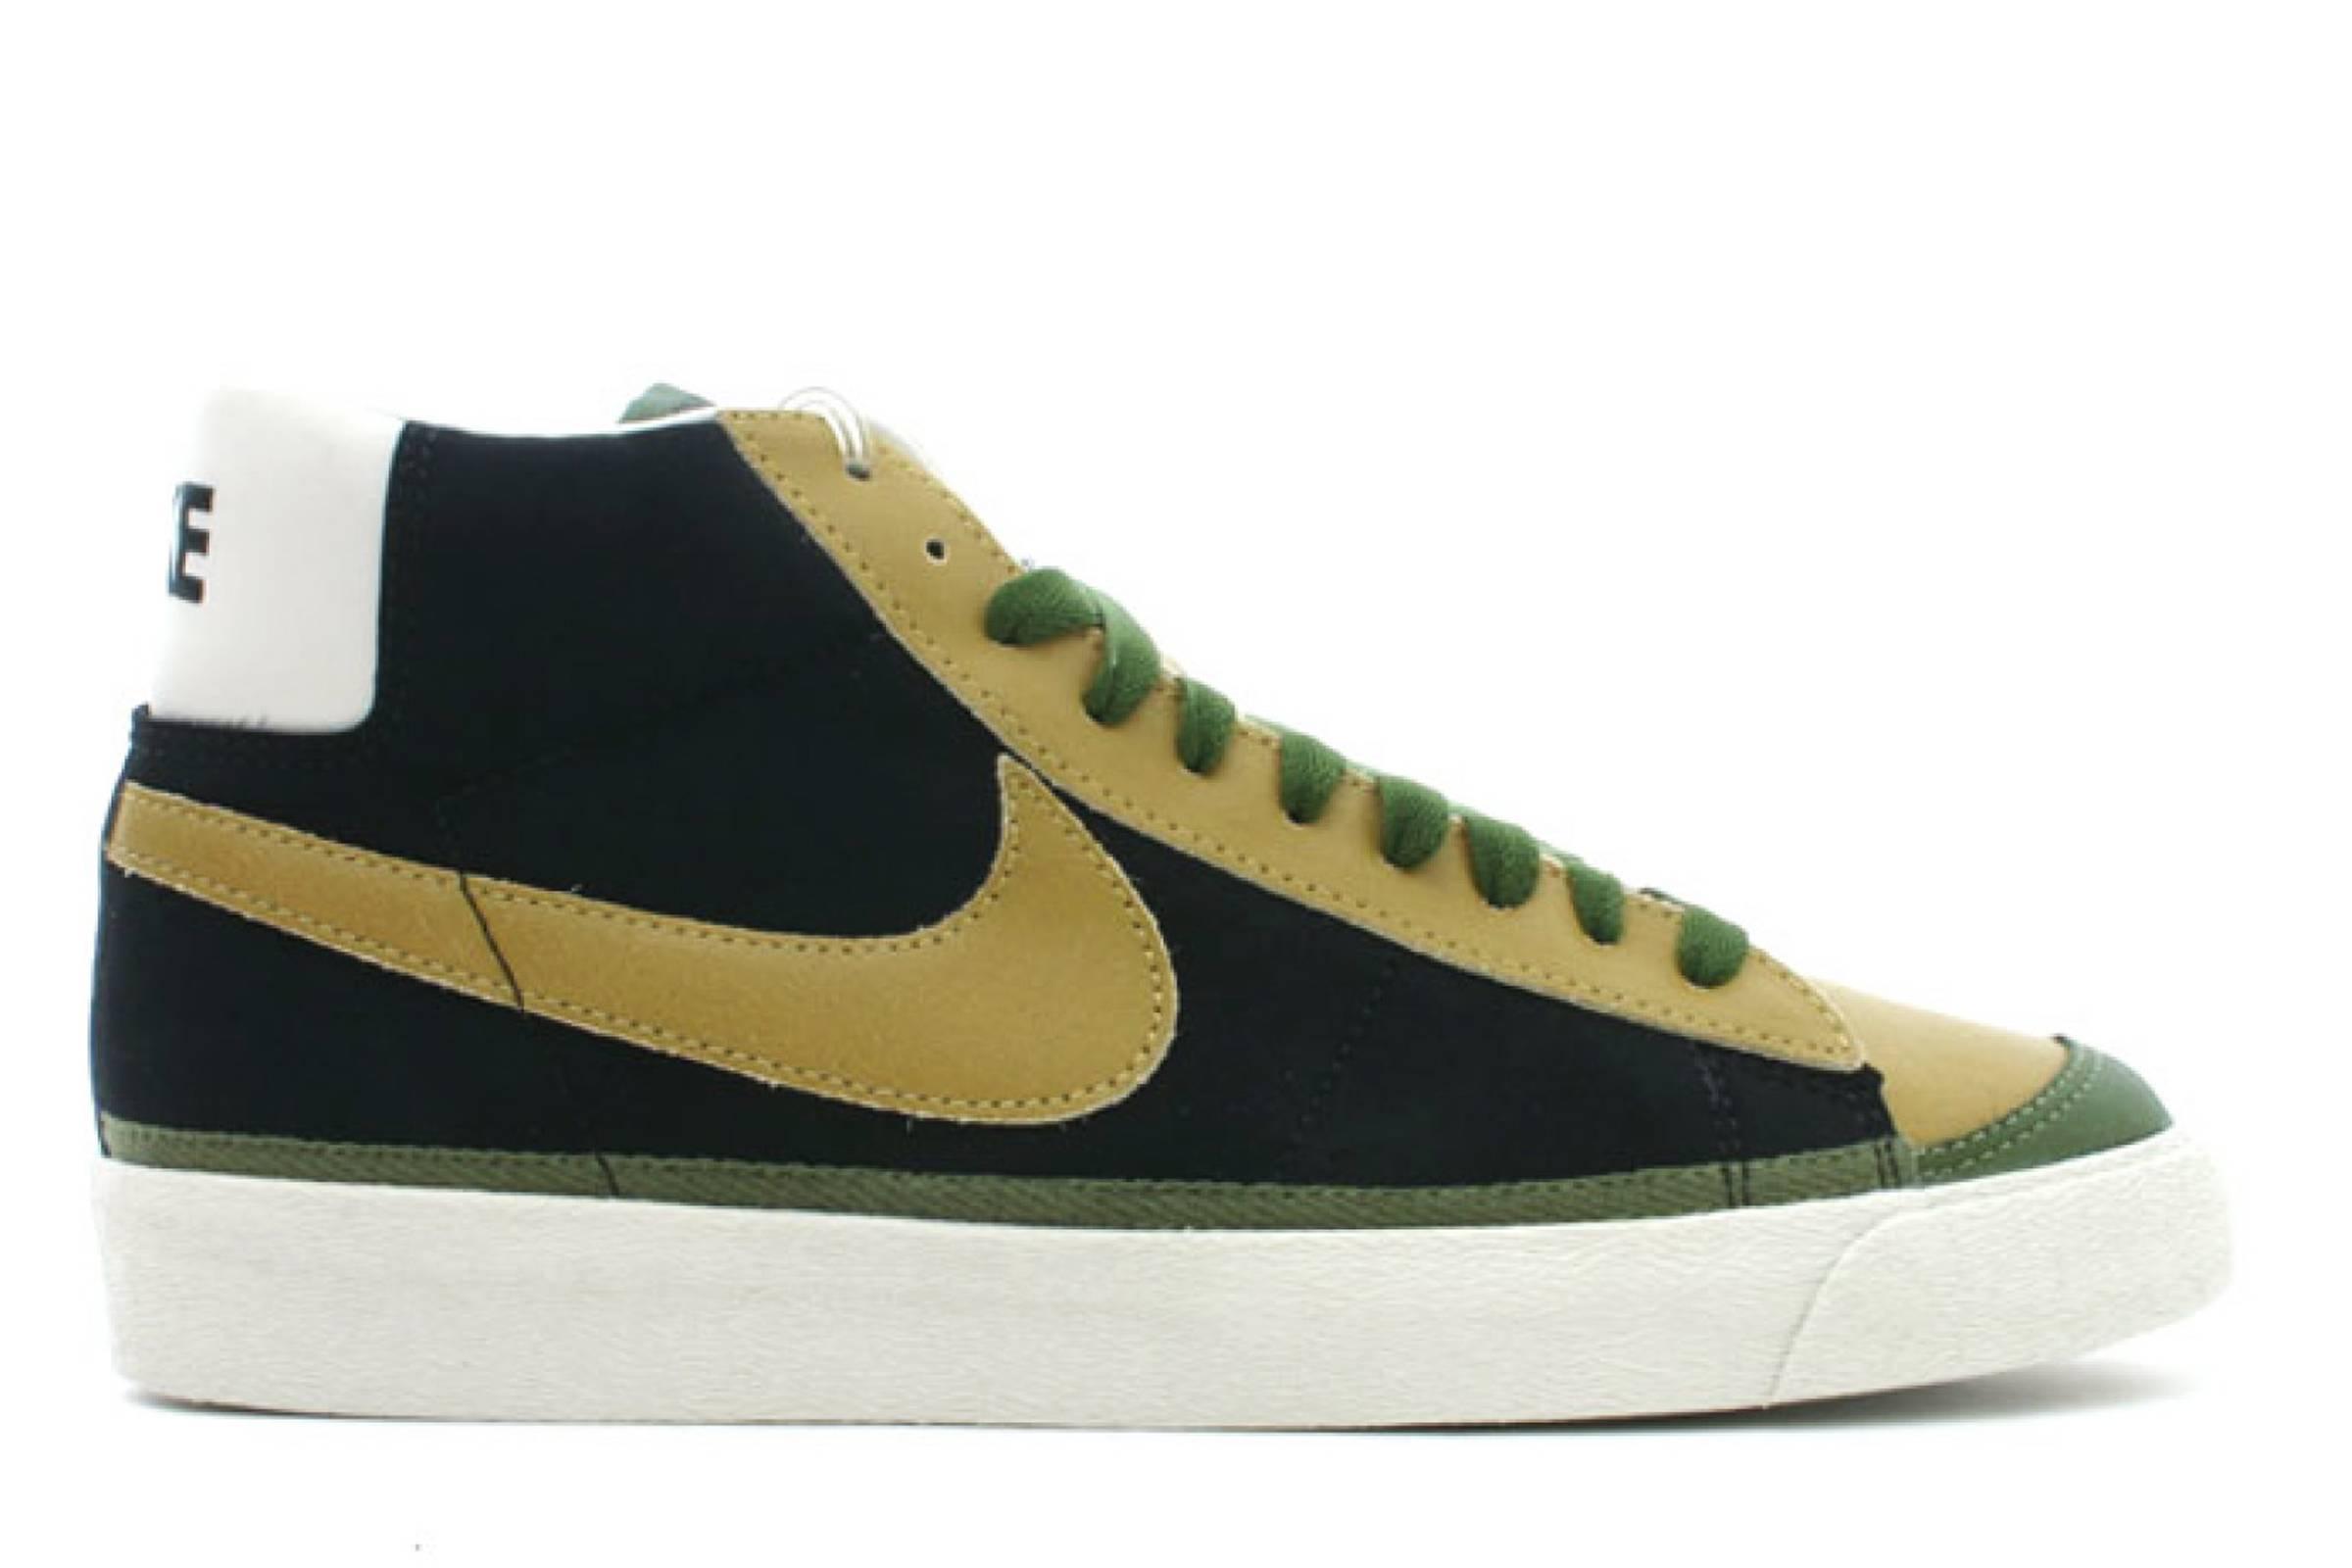 Nike Blazer Suede 'Futura'